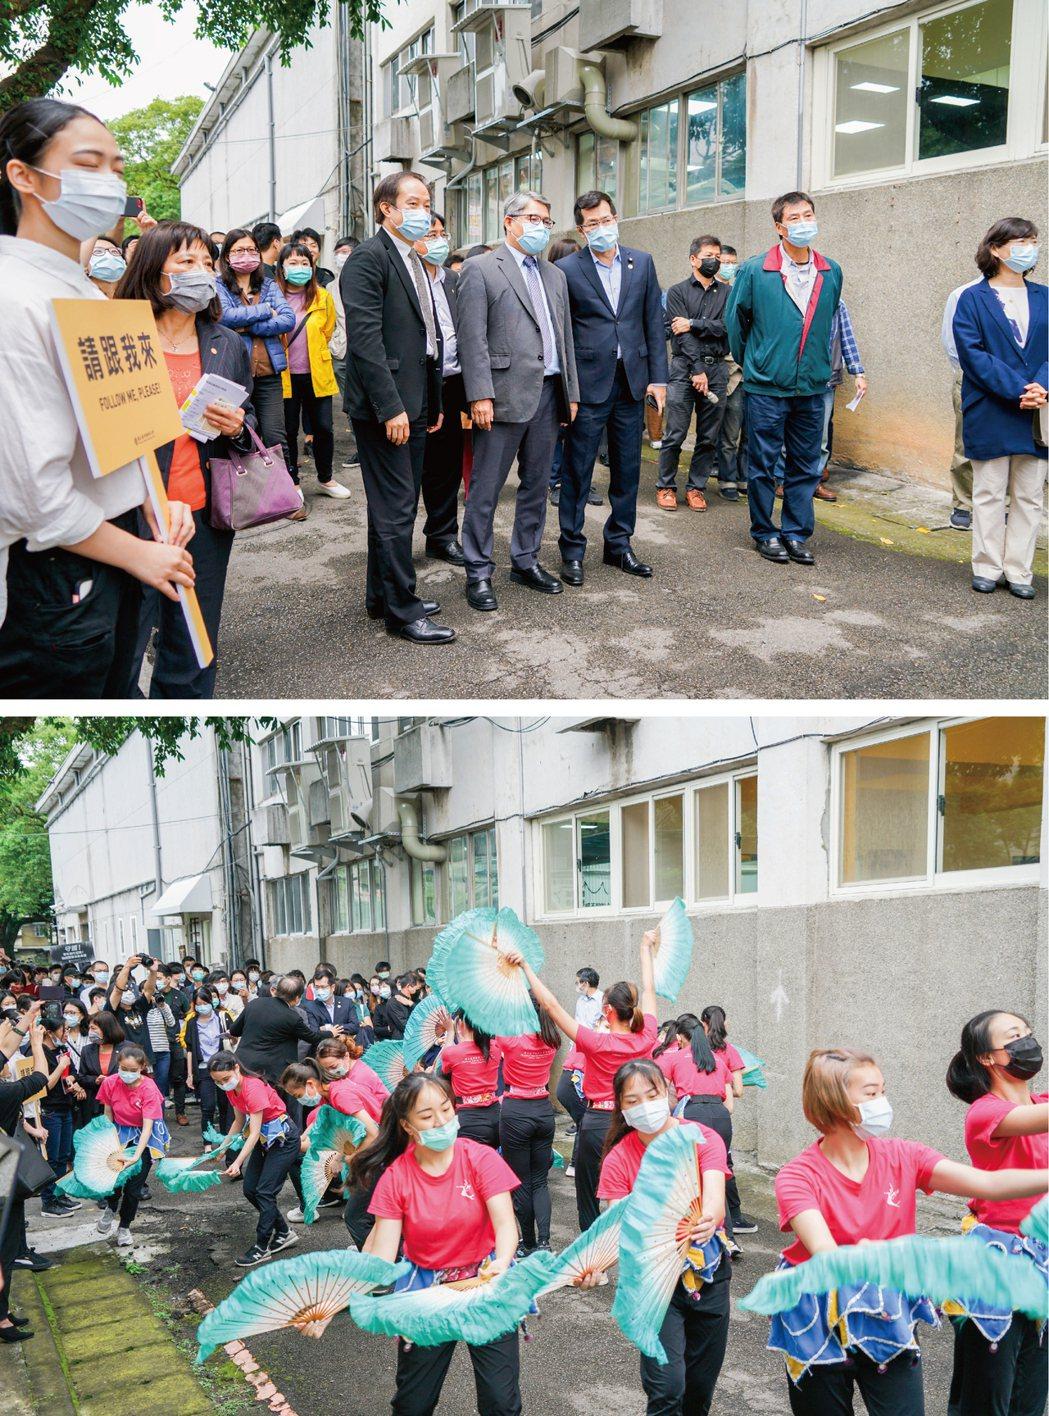 台藝大學生為迎接來訪貴賓,準備了精彩的扇子舞表演。臺灣藝術大學/提供